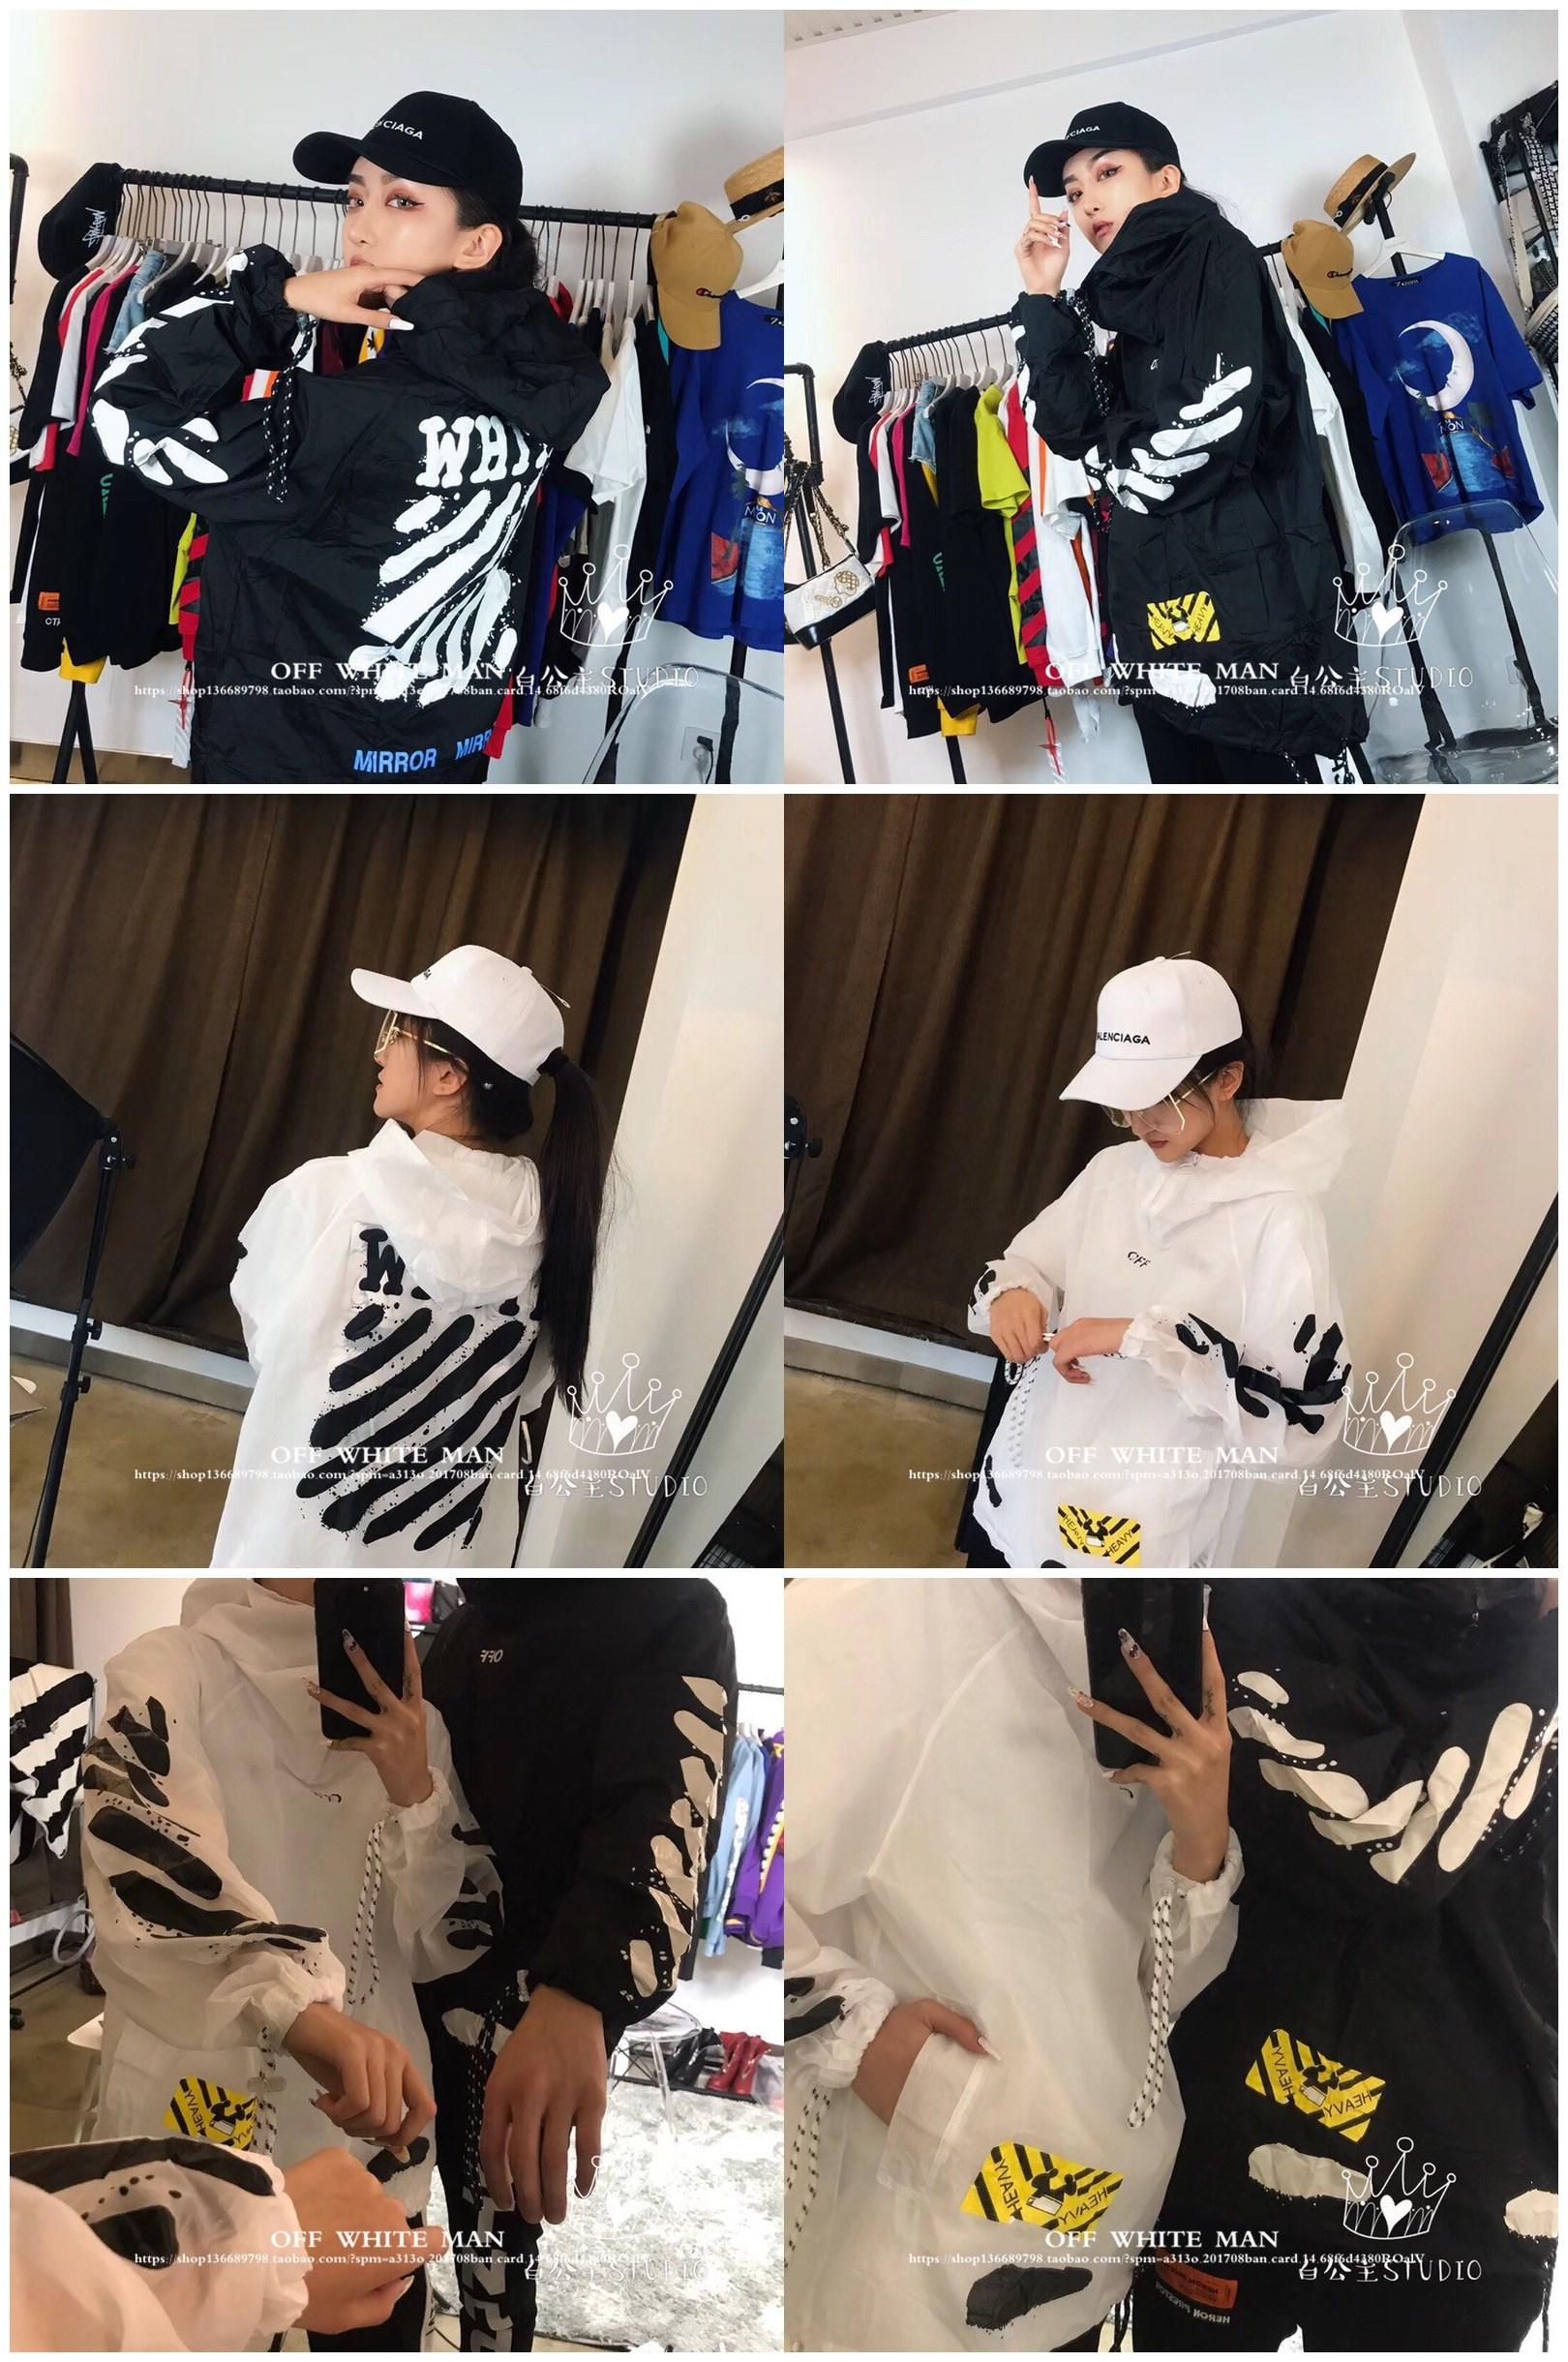 OFF OWF TRẮNG Triều thương hiệu mùa xuân kem chống nắng quần áo thư splash mực OW kem chống nắng áo khoác nam giới và phụ nữ áo gió